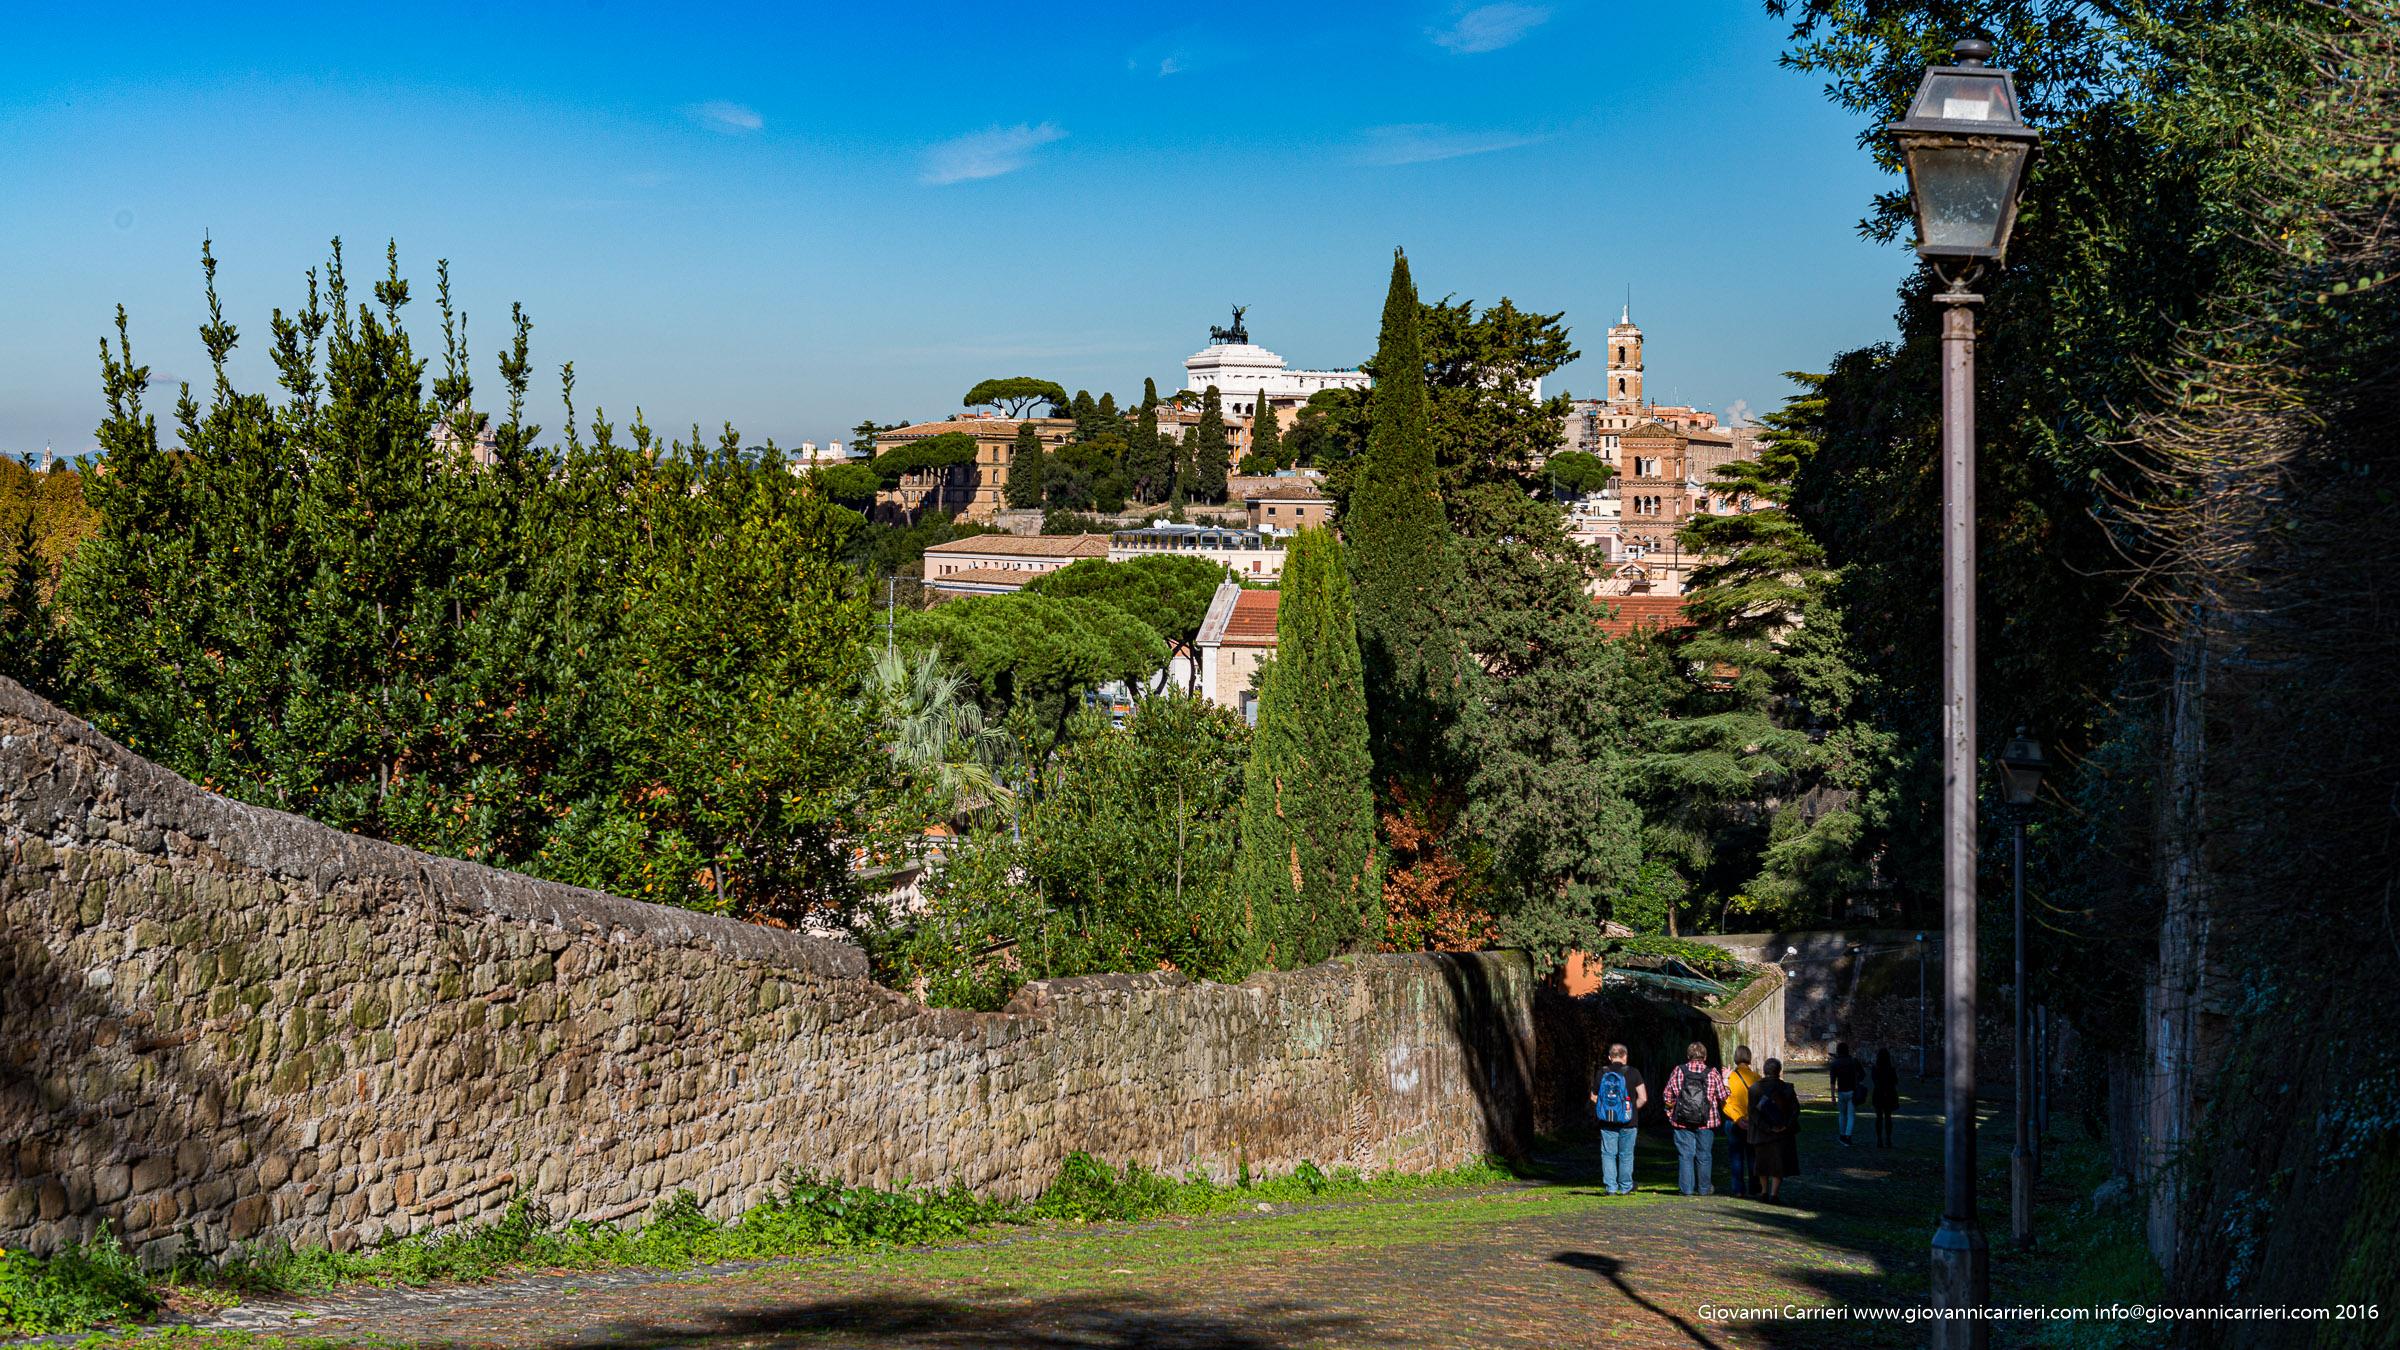 Il Clivio di Rocca Savella sull'Aventino - Roma